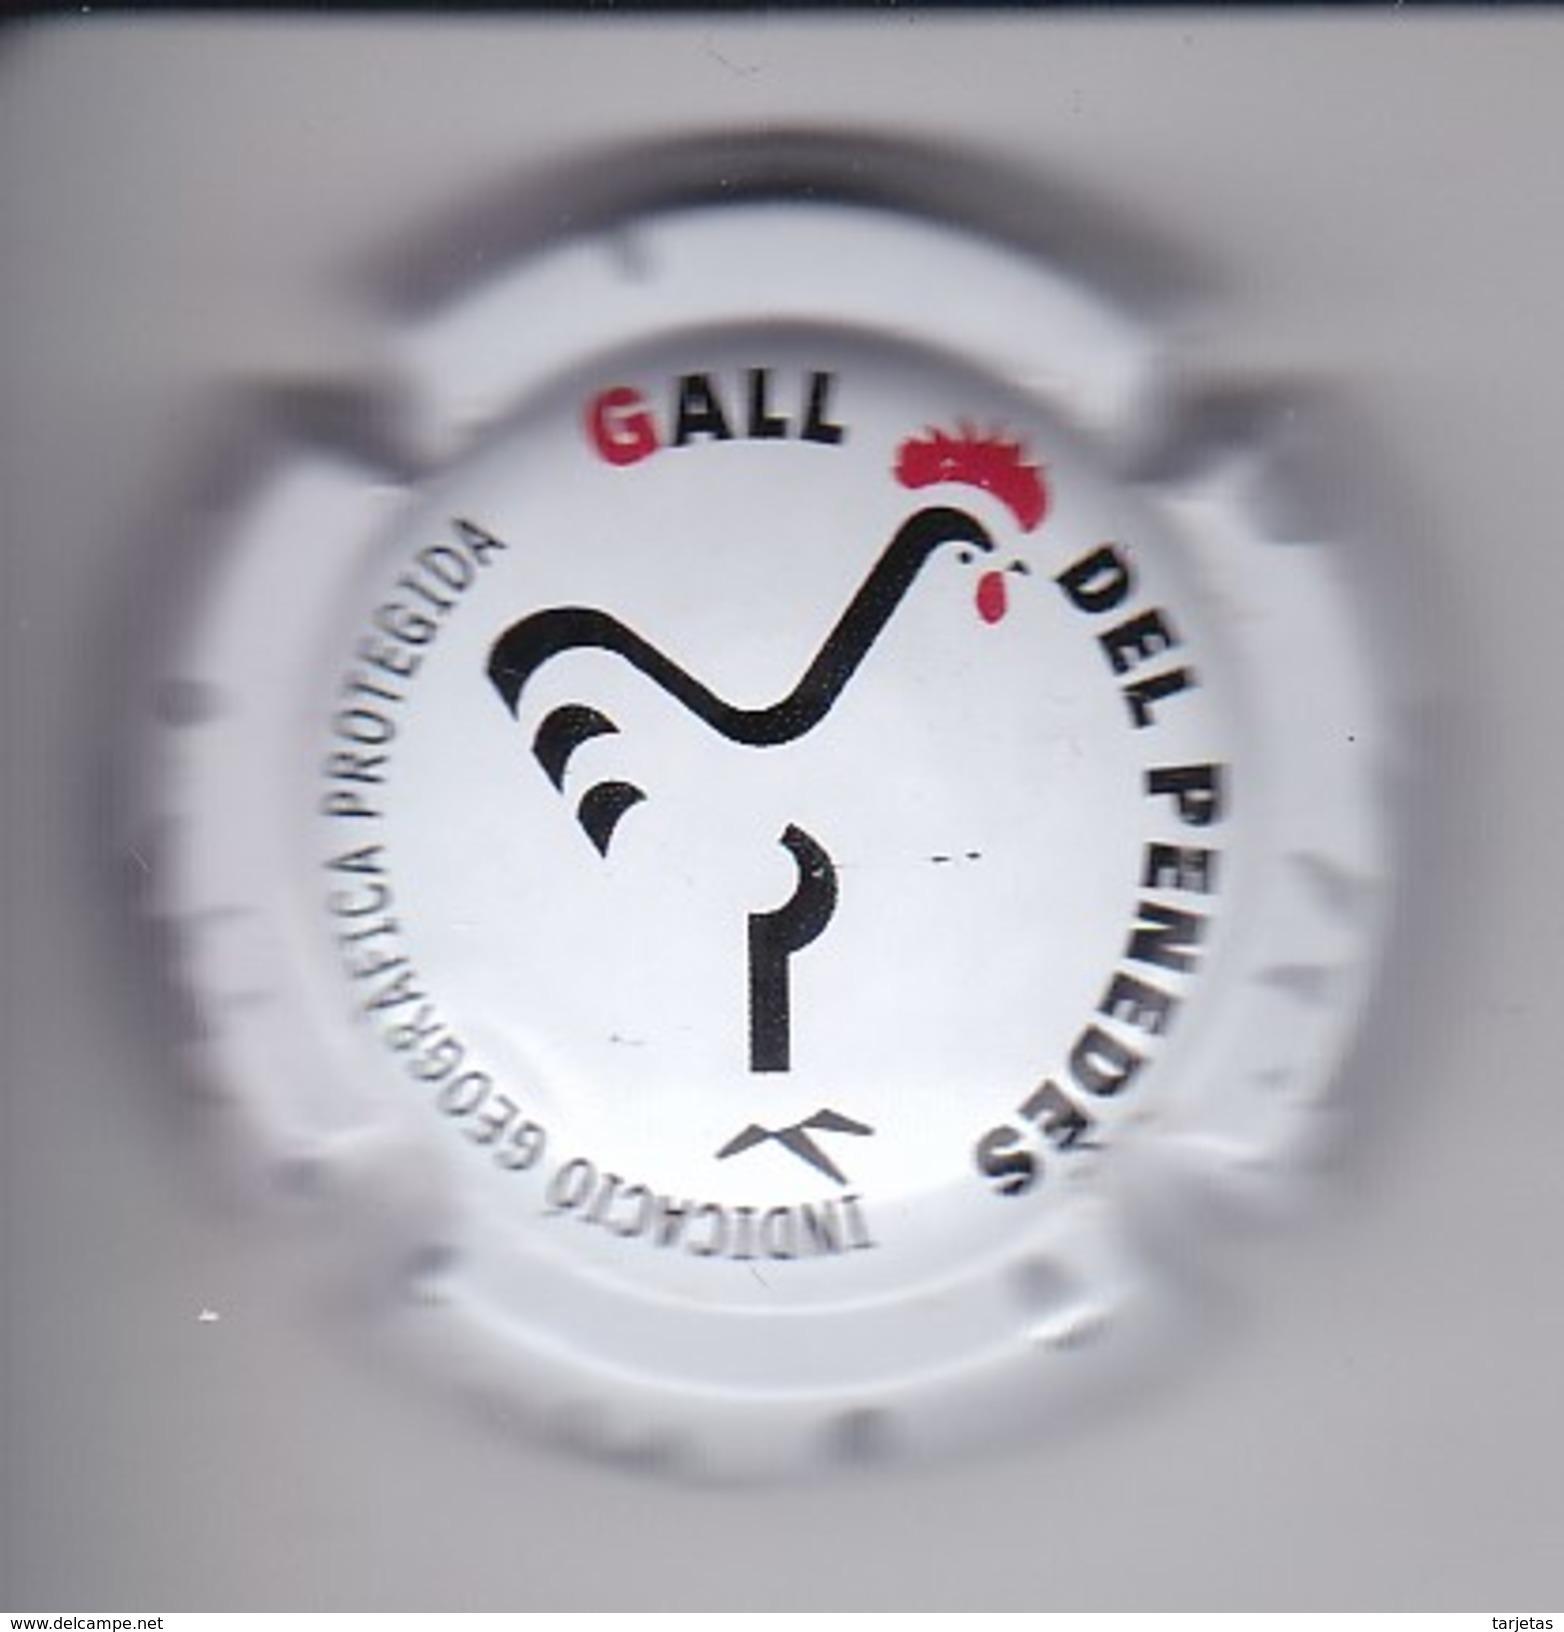 PLACA DE CAVA DE LA FIRA DEL GALL  (CAPSULE) COQ- GALLO - Placas De Cava